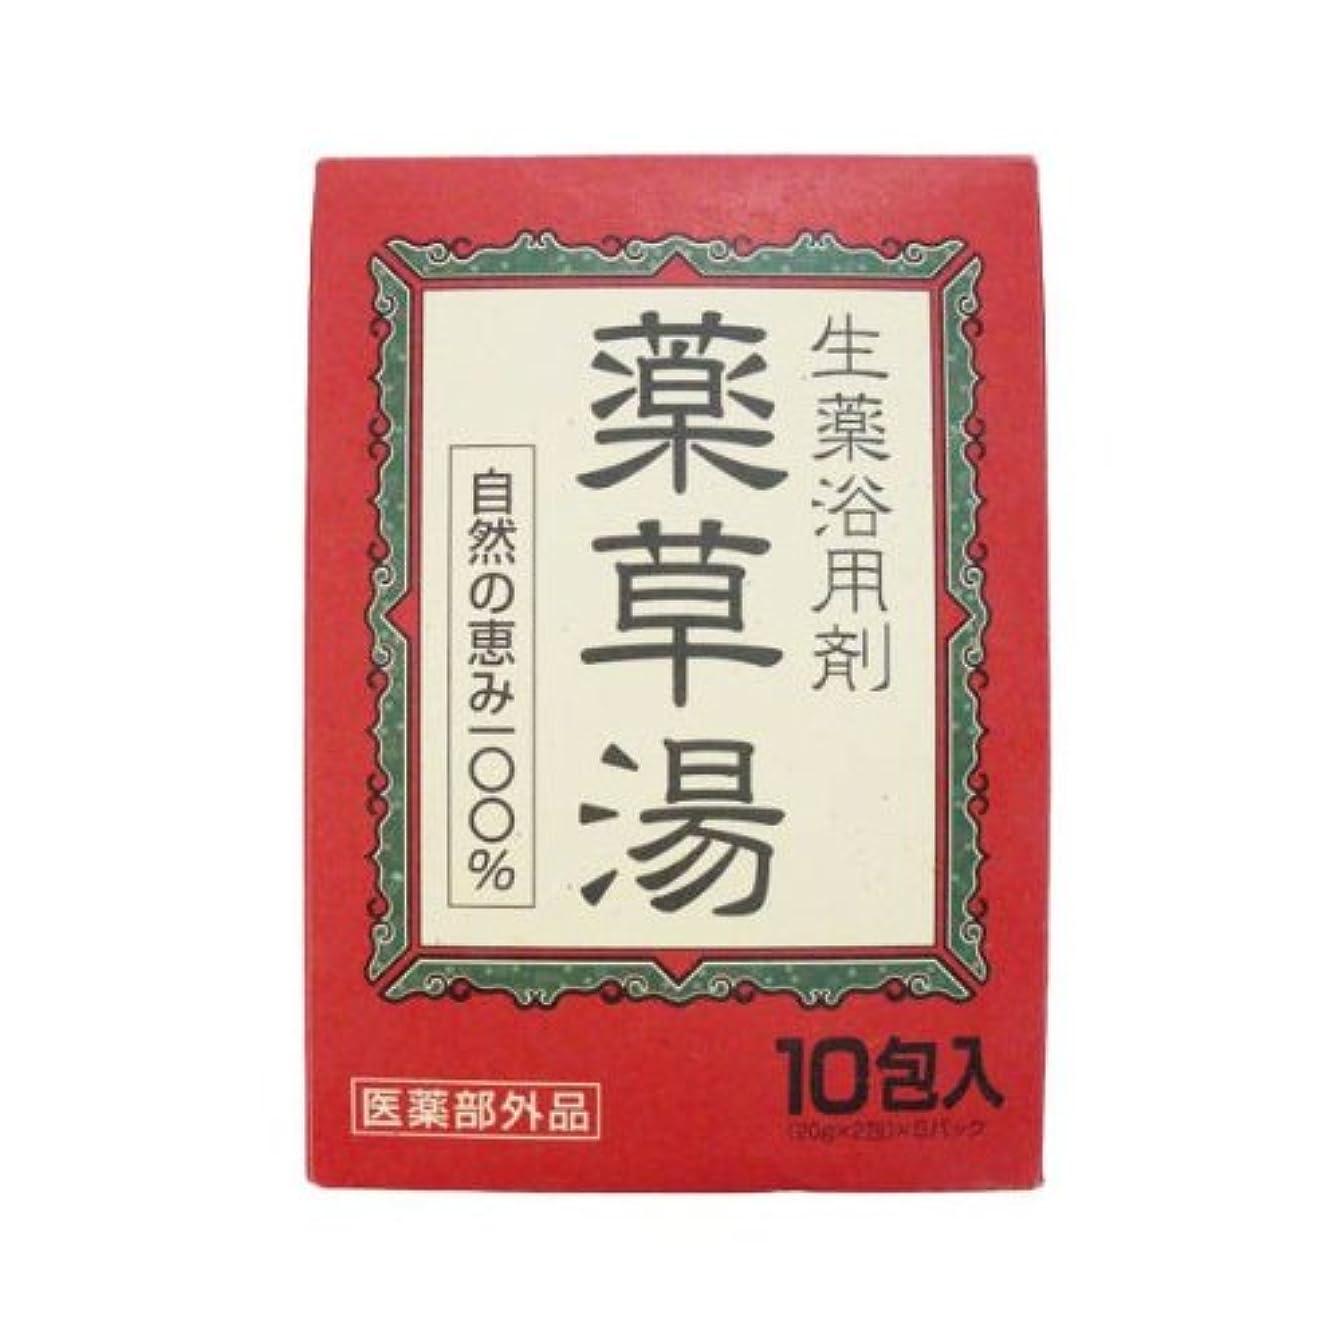 主婦メイエラ方言VVN生薬入浴剤薬草湯10包×(20セット)